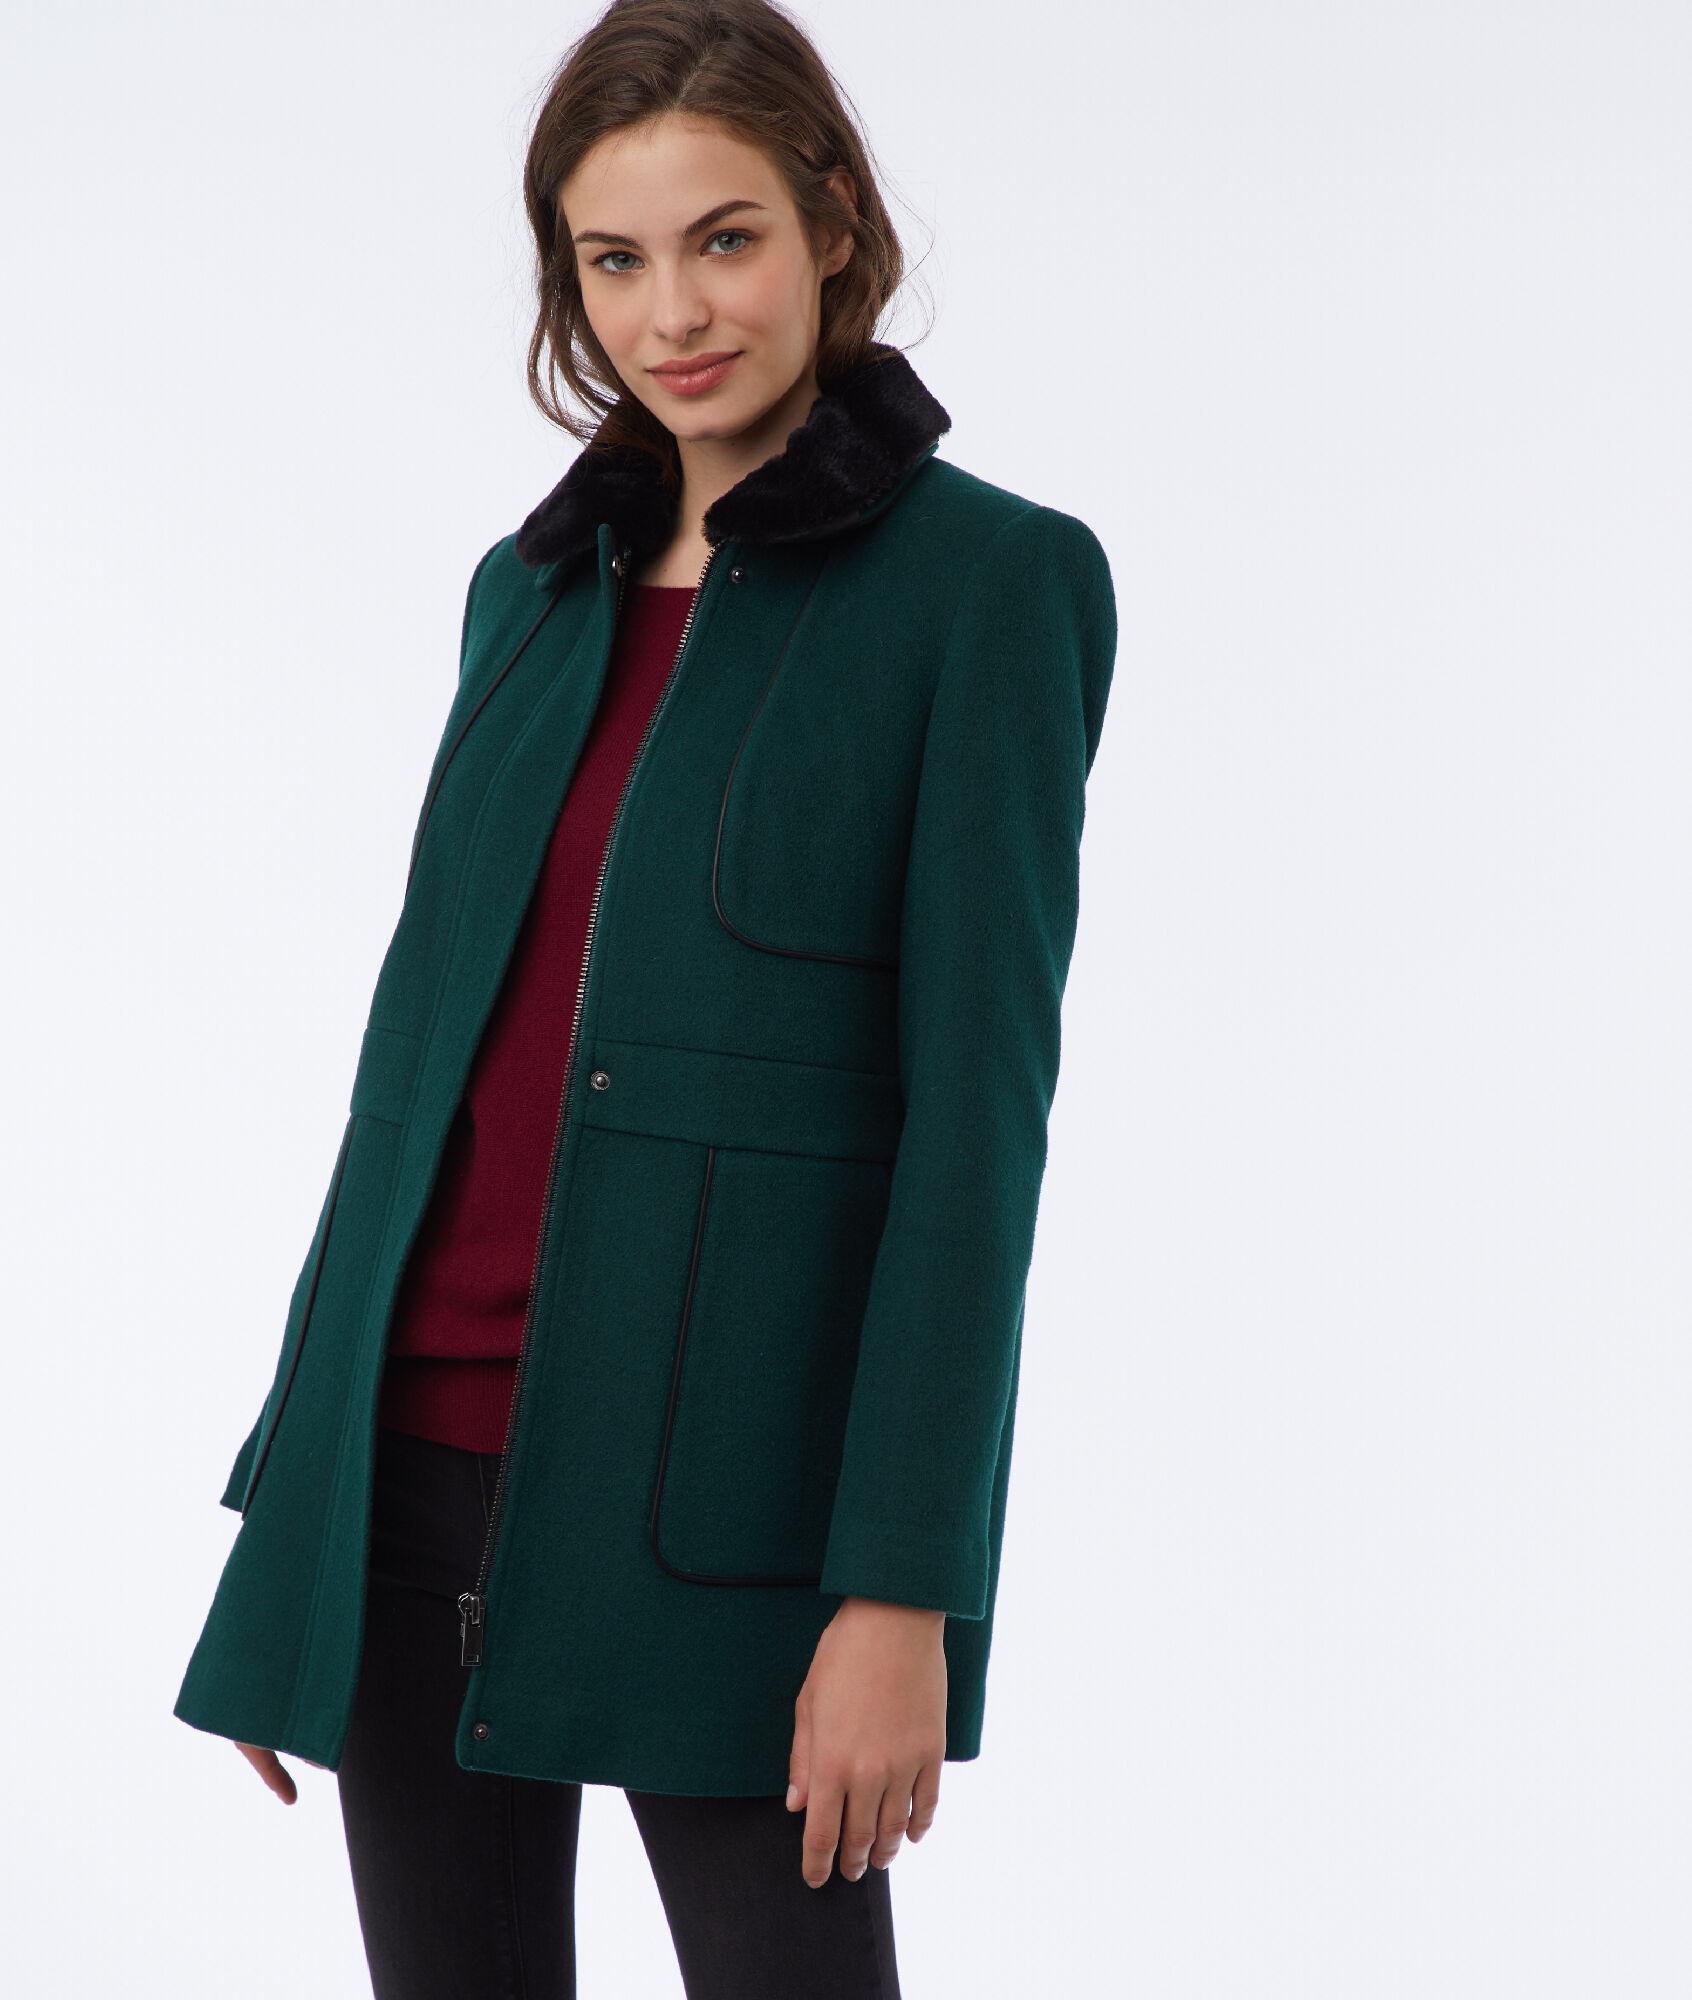 a69a12149818 Manteau avec col amovible - PAULINE - FORET - Etam